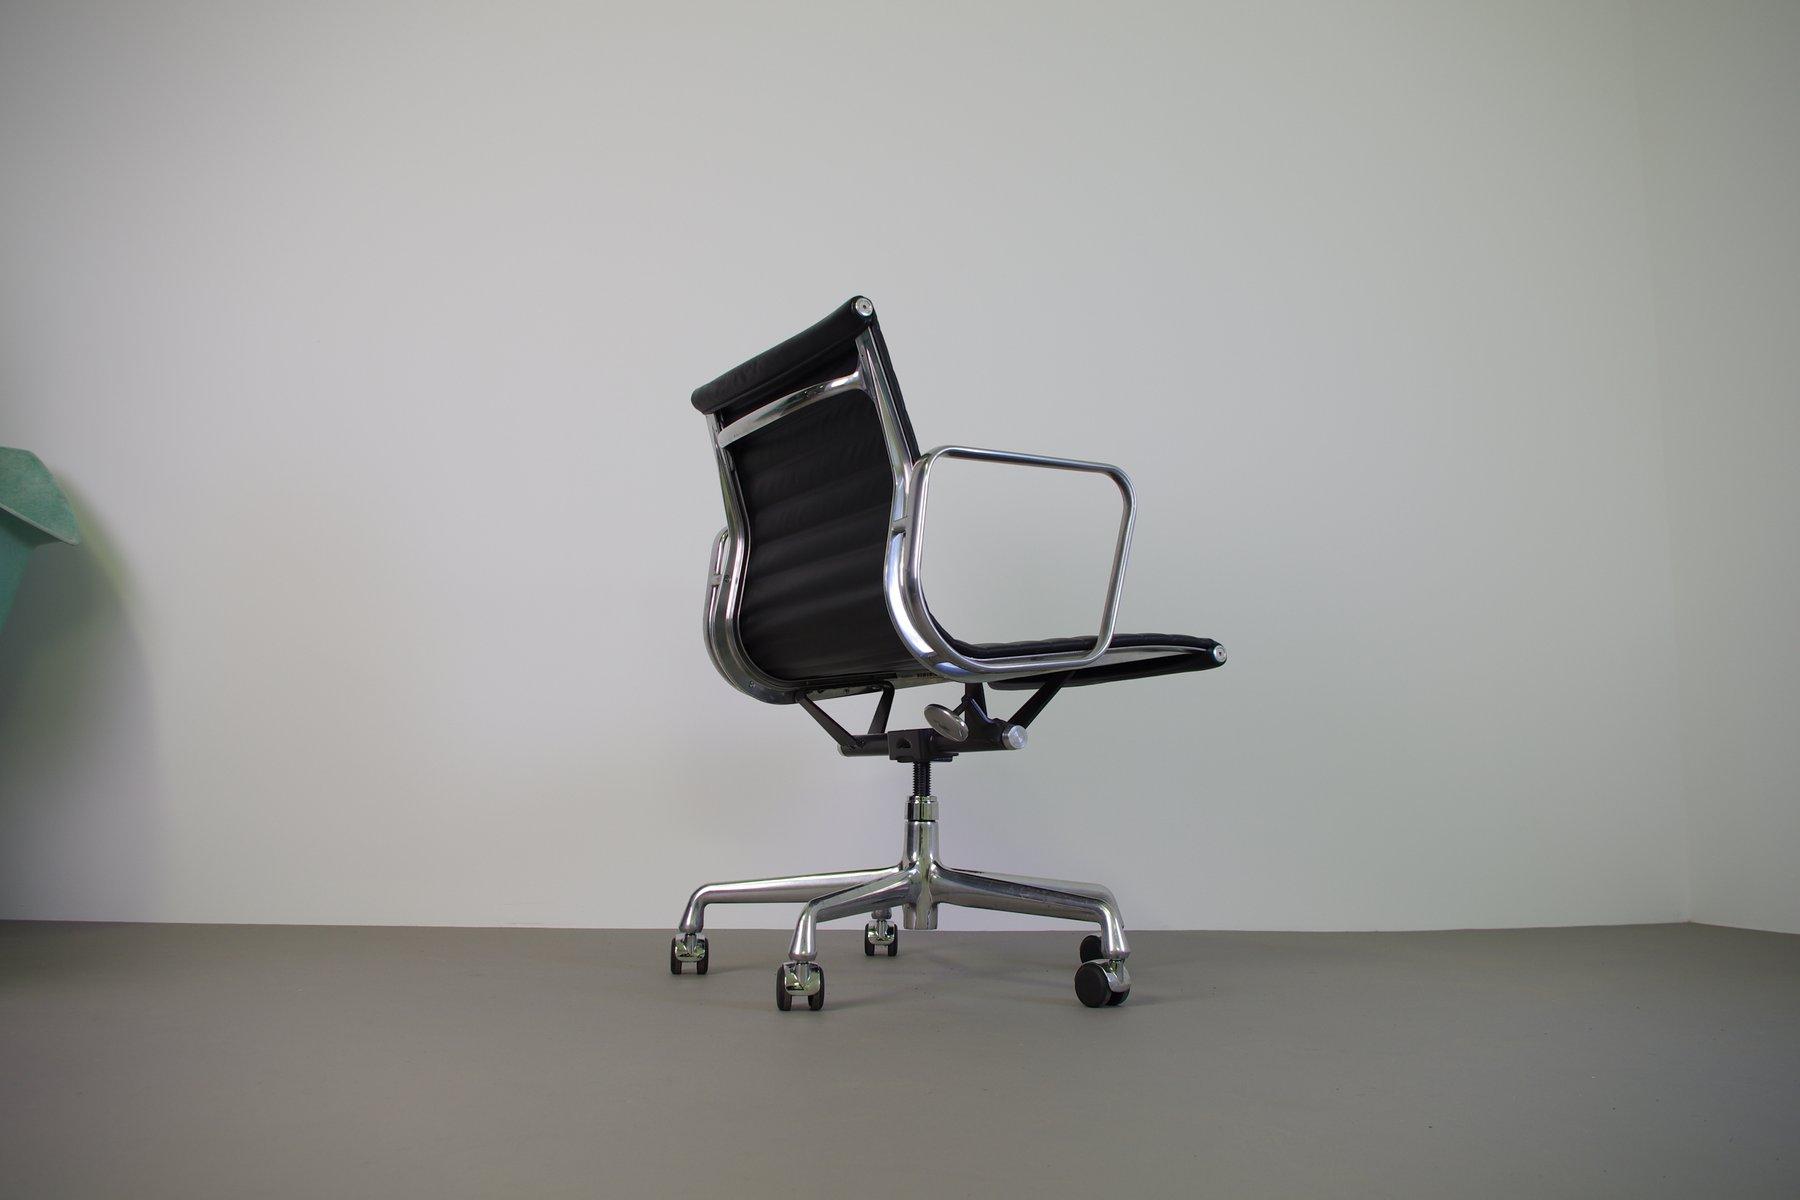 ea117 schreibtischstuhl von eames f r herman miller bei. Black Bedroom Furniture Sets. Home Design Ideas